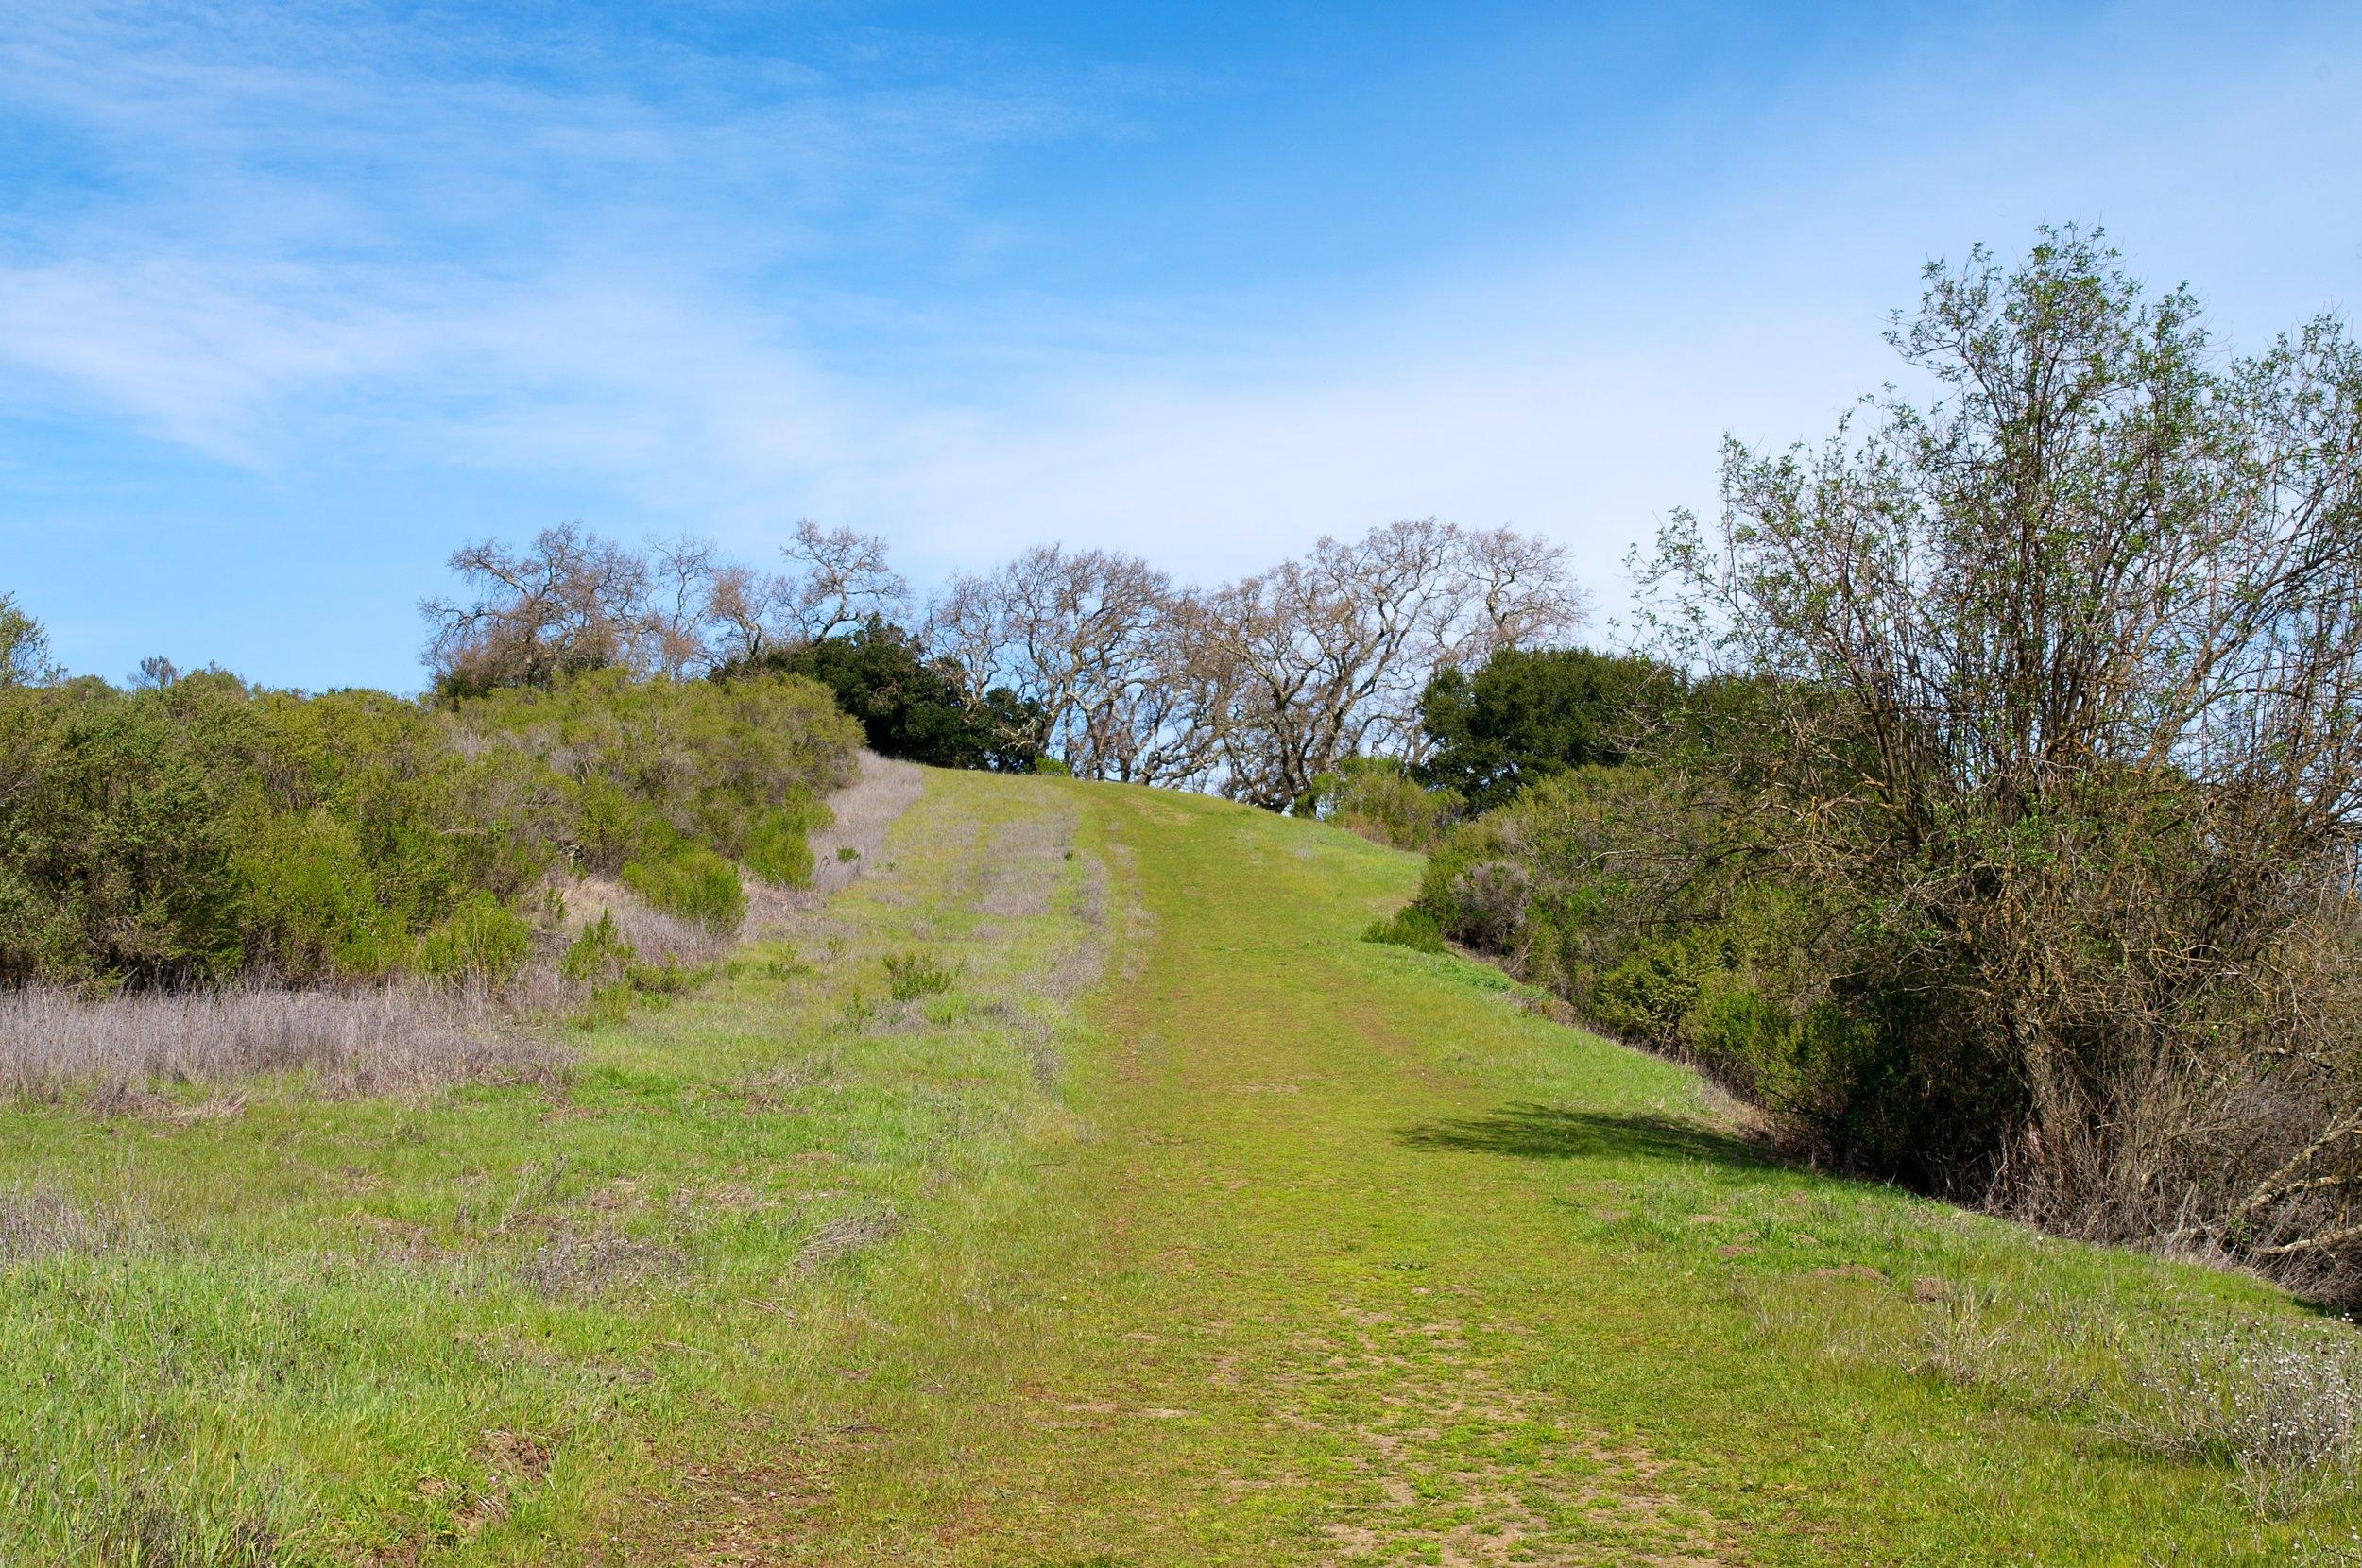 Rim trail 3_5_11 (40).jpg